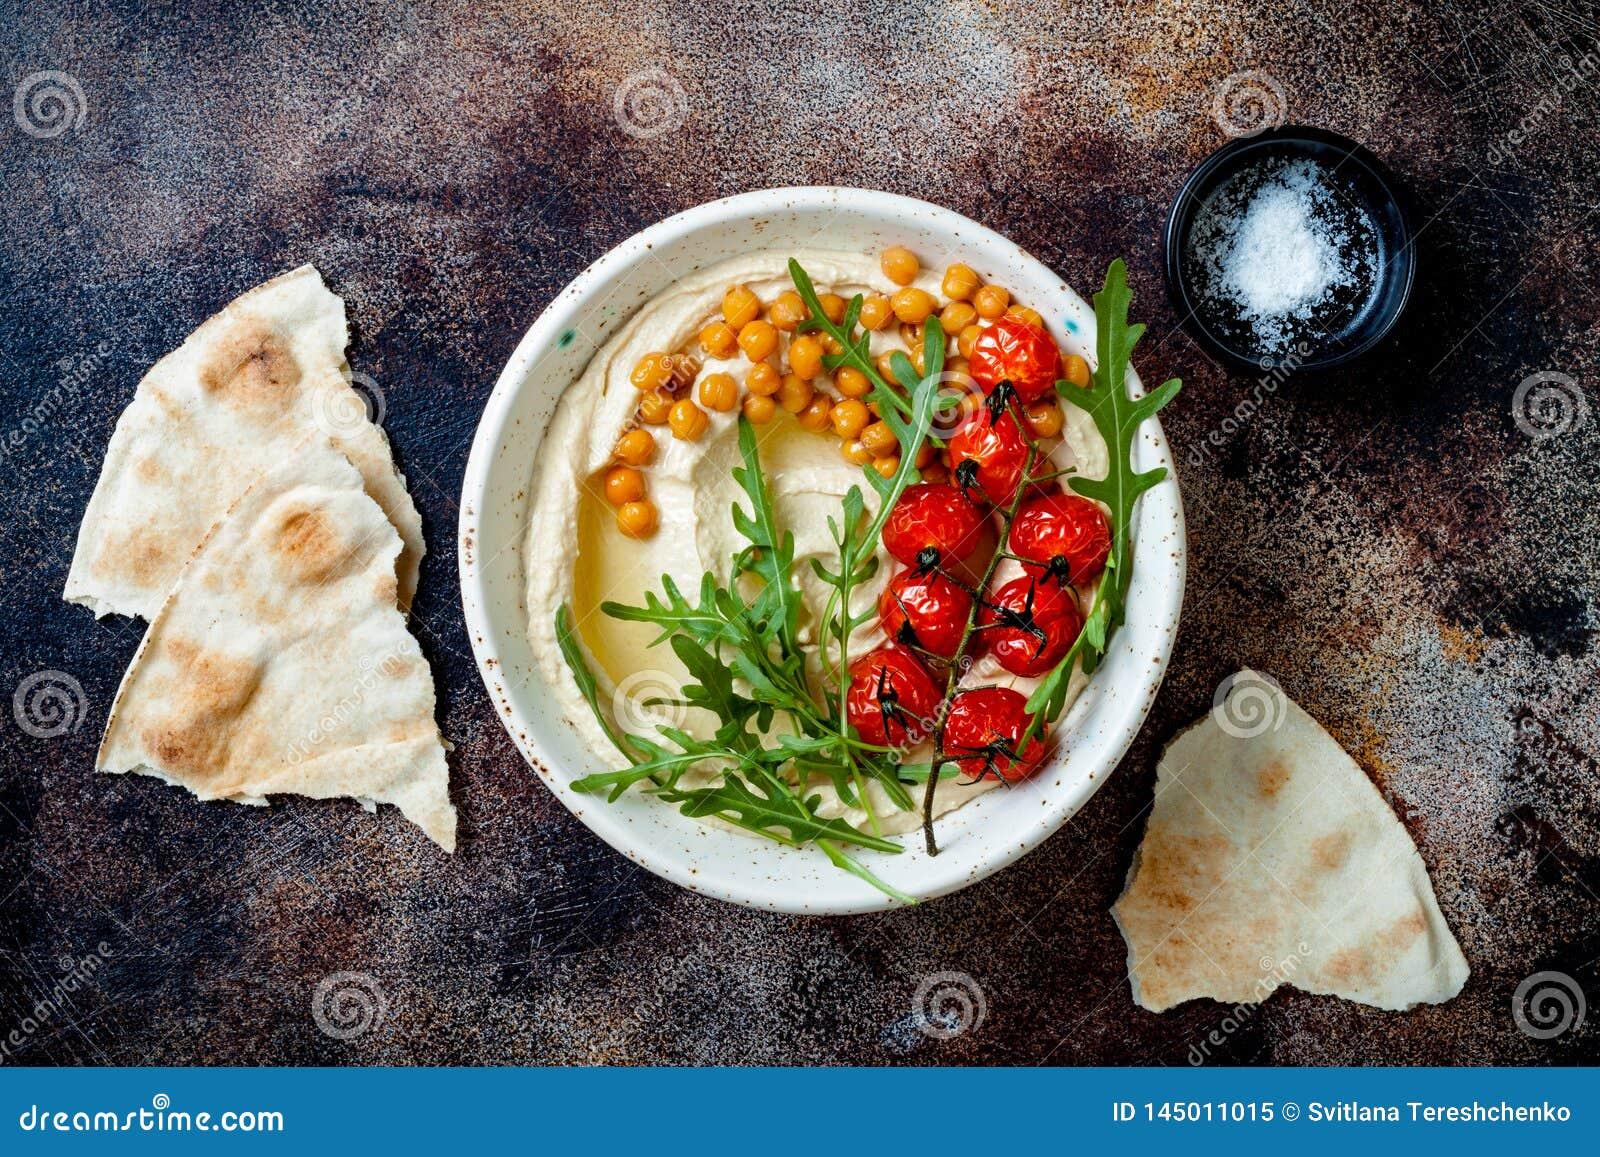 Houmous fait maison avec les tomates-cerises r?ties Cuisine arabe traditionnelle et authentique du Moyen-Orient